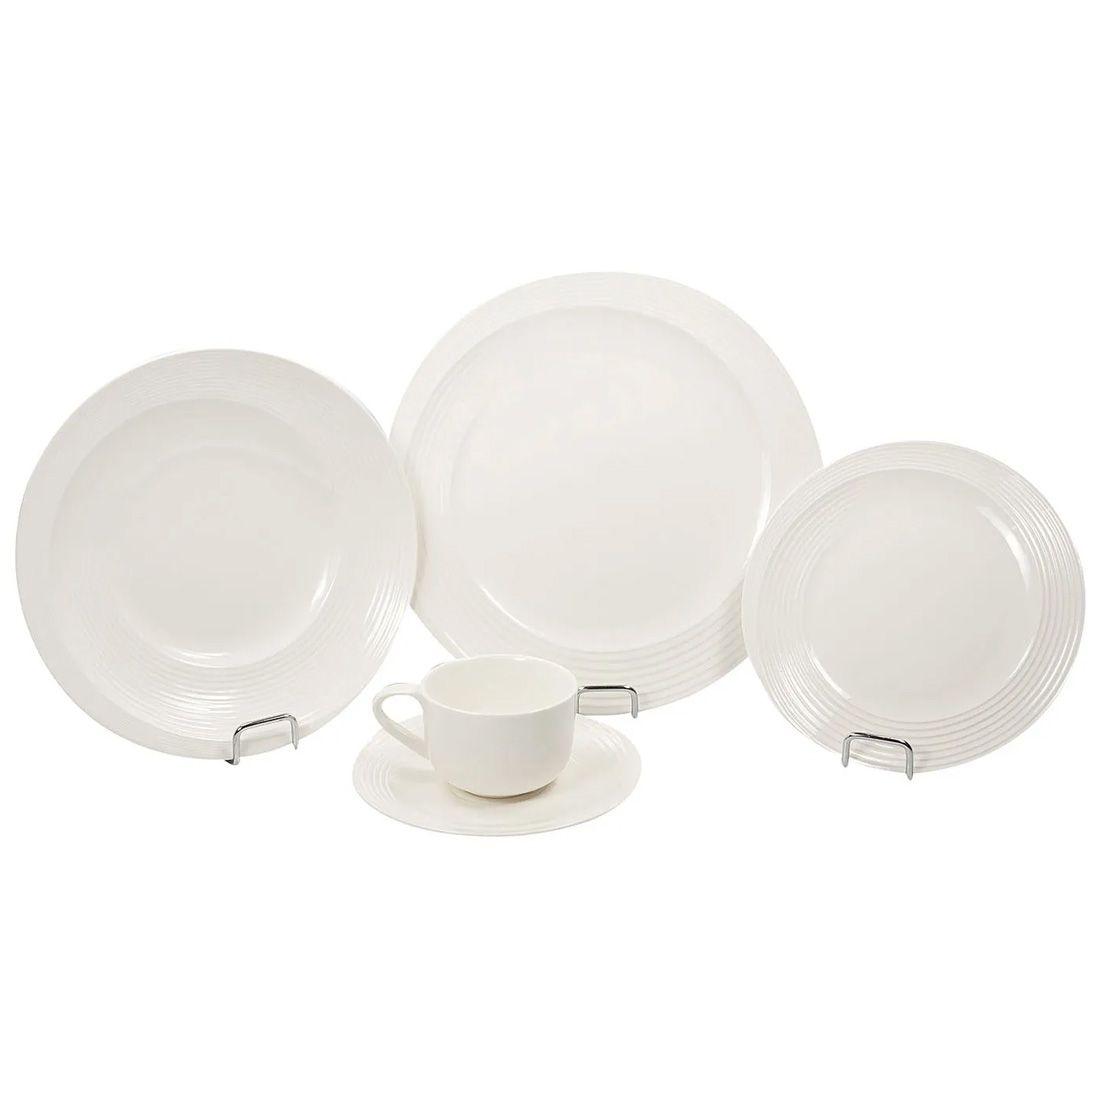 Aparelho de Jantar 20 Peças de Porcelana - 4 Pratos Mesa, 4 Pratos Fundo, 4 Pratos de Sobremesa, 4 Xícaras de Chá 200Ml, 4 Pires de Chá Branco Wow